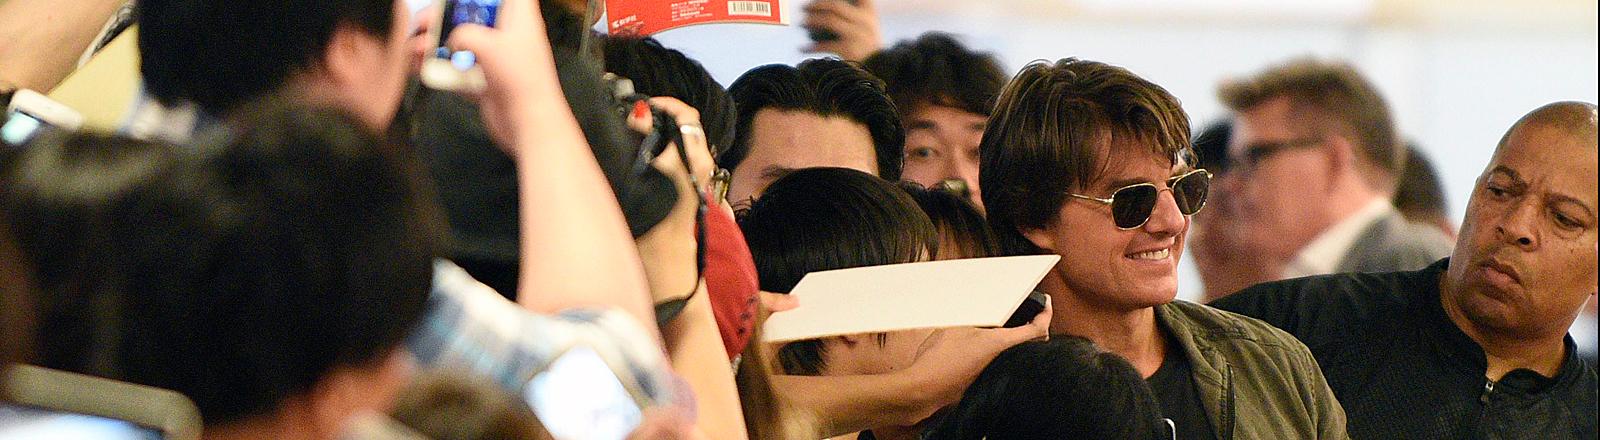 Tom Cruise bei einem Pressetermin in Tokio.